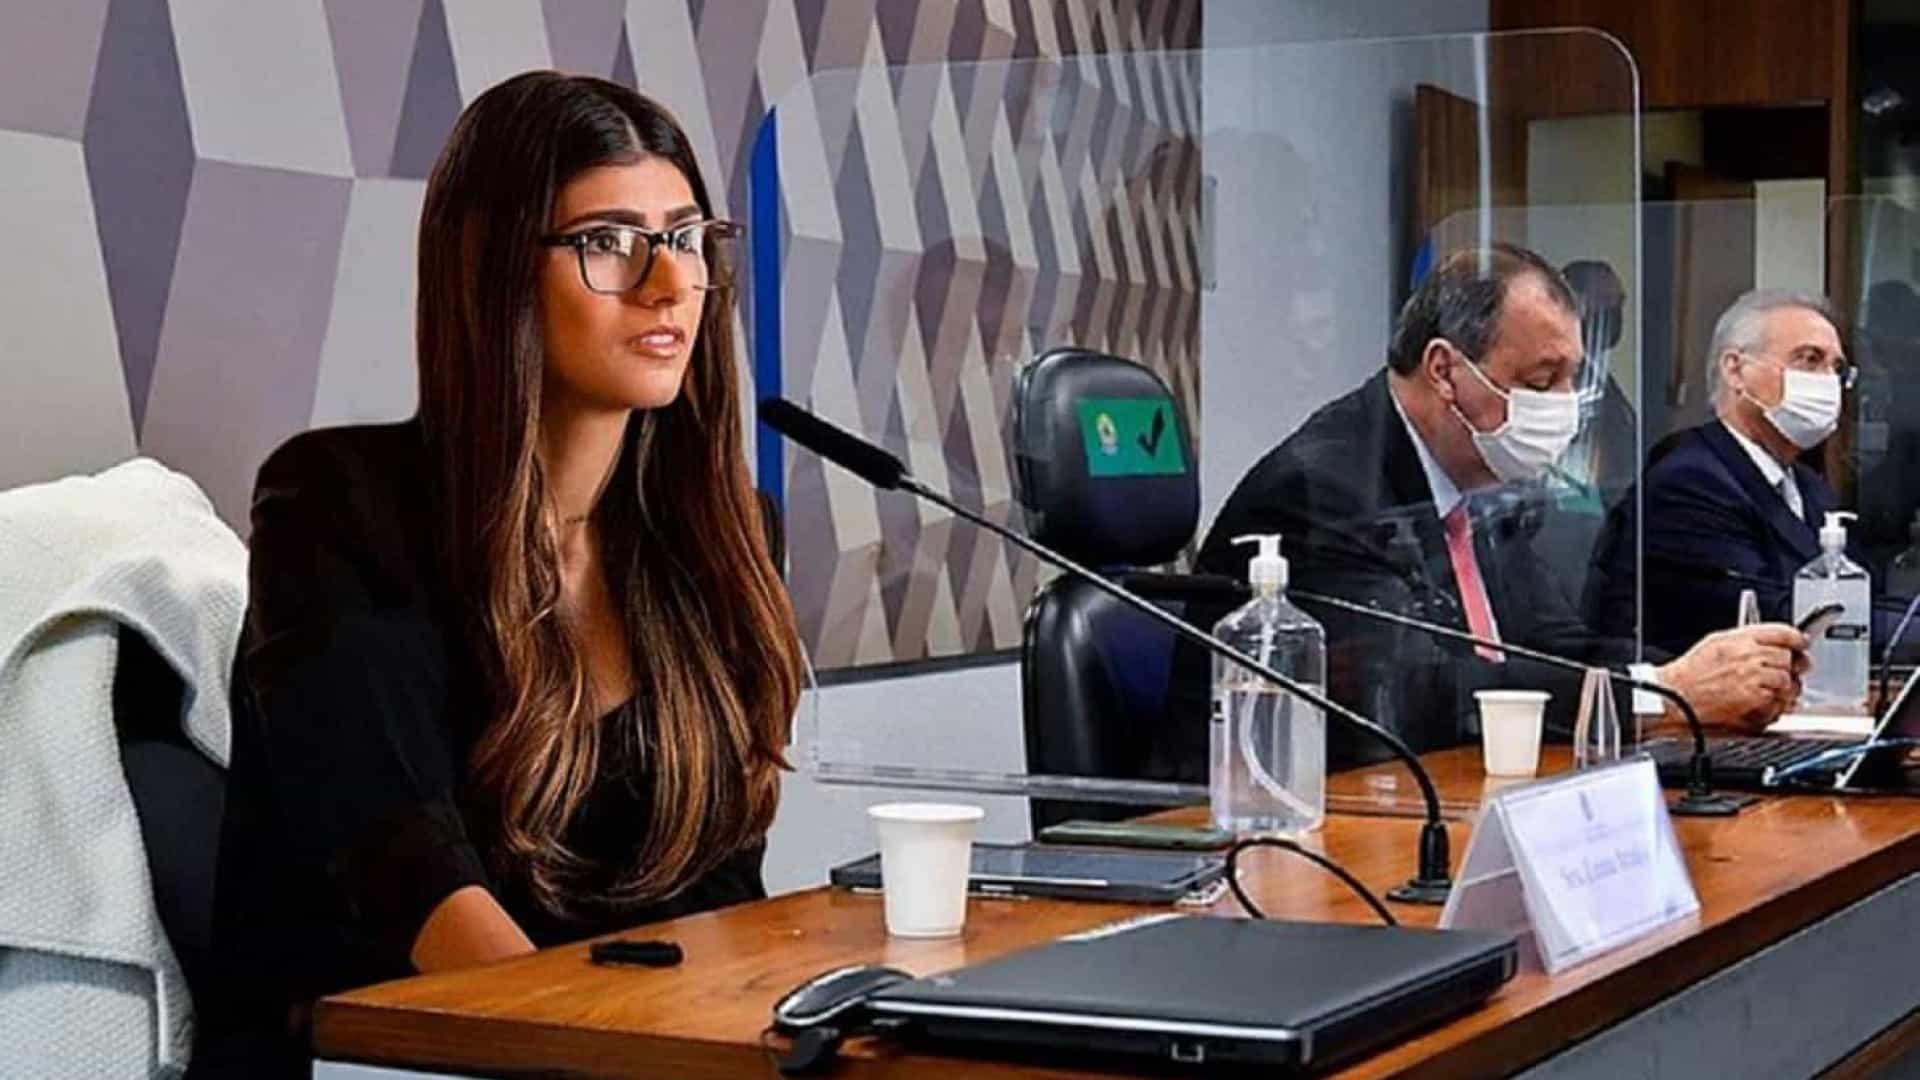 mia khalifa - Citada na CPI da Covid, Mia Khalifa ex-atriz pornô publica montagem no Senado